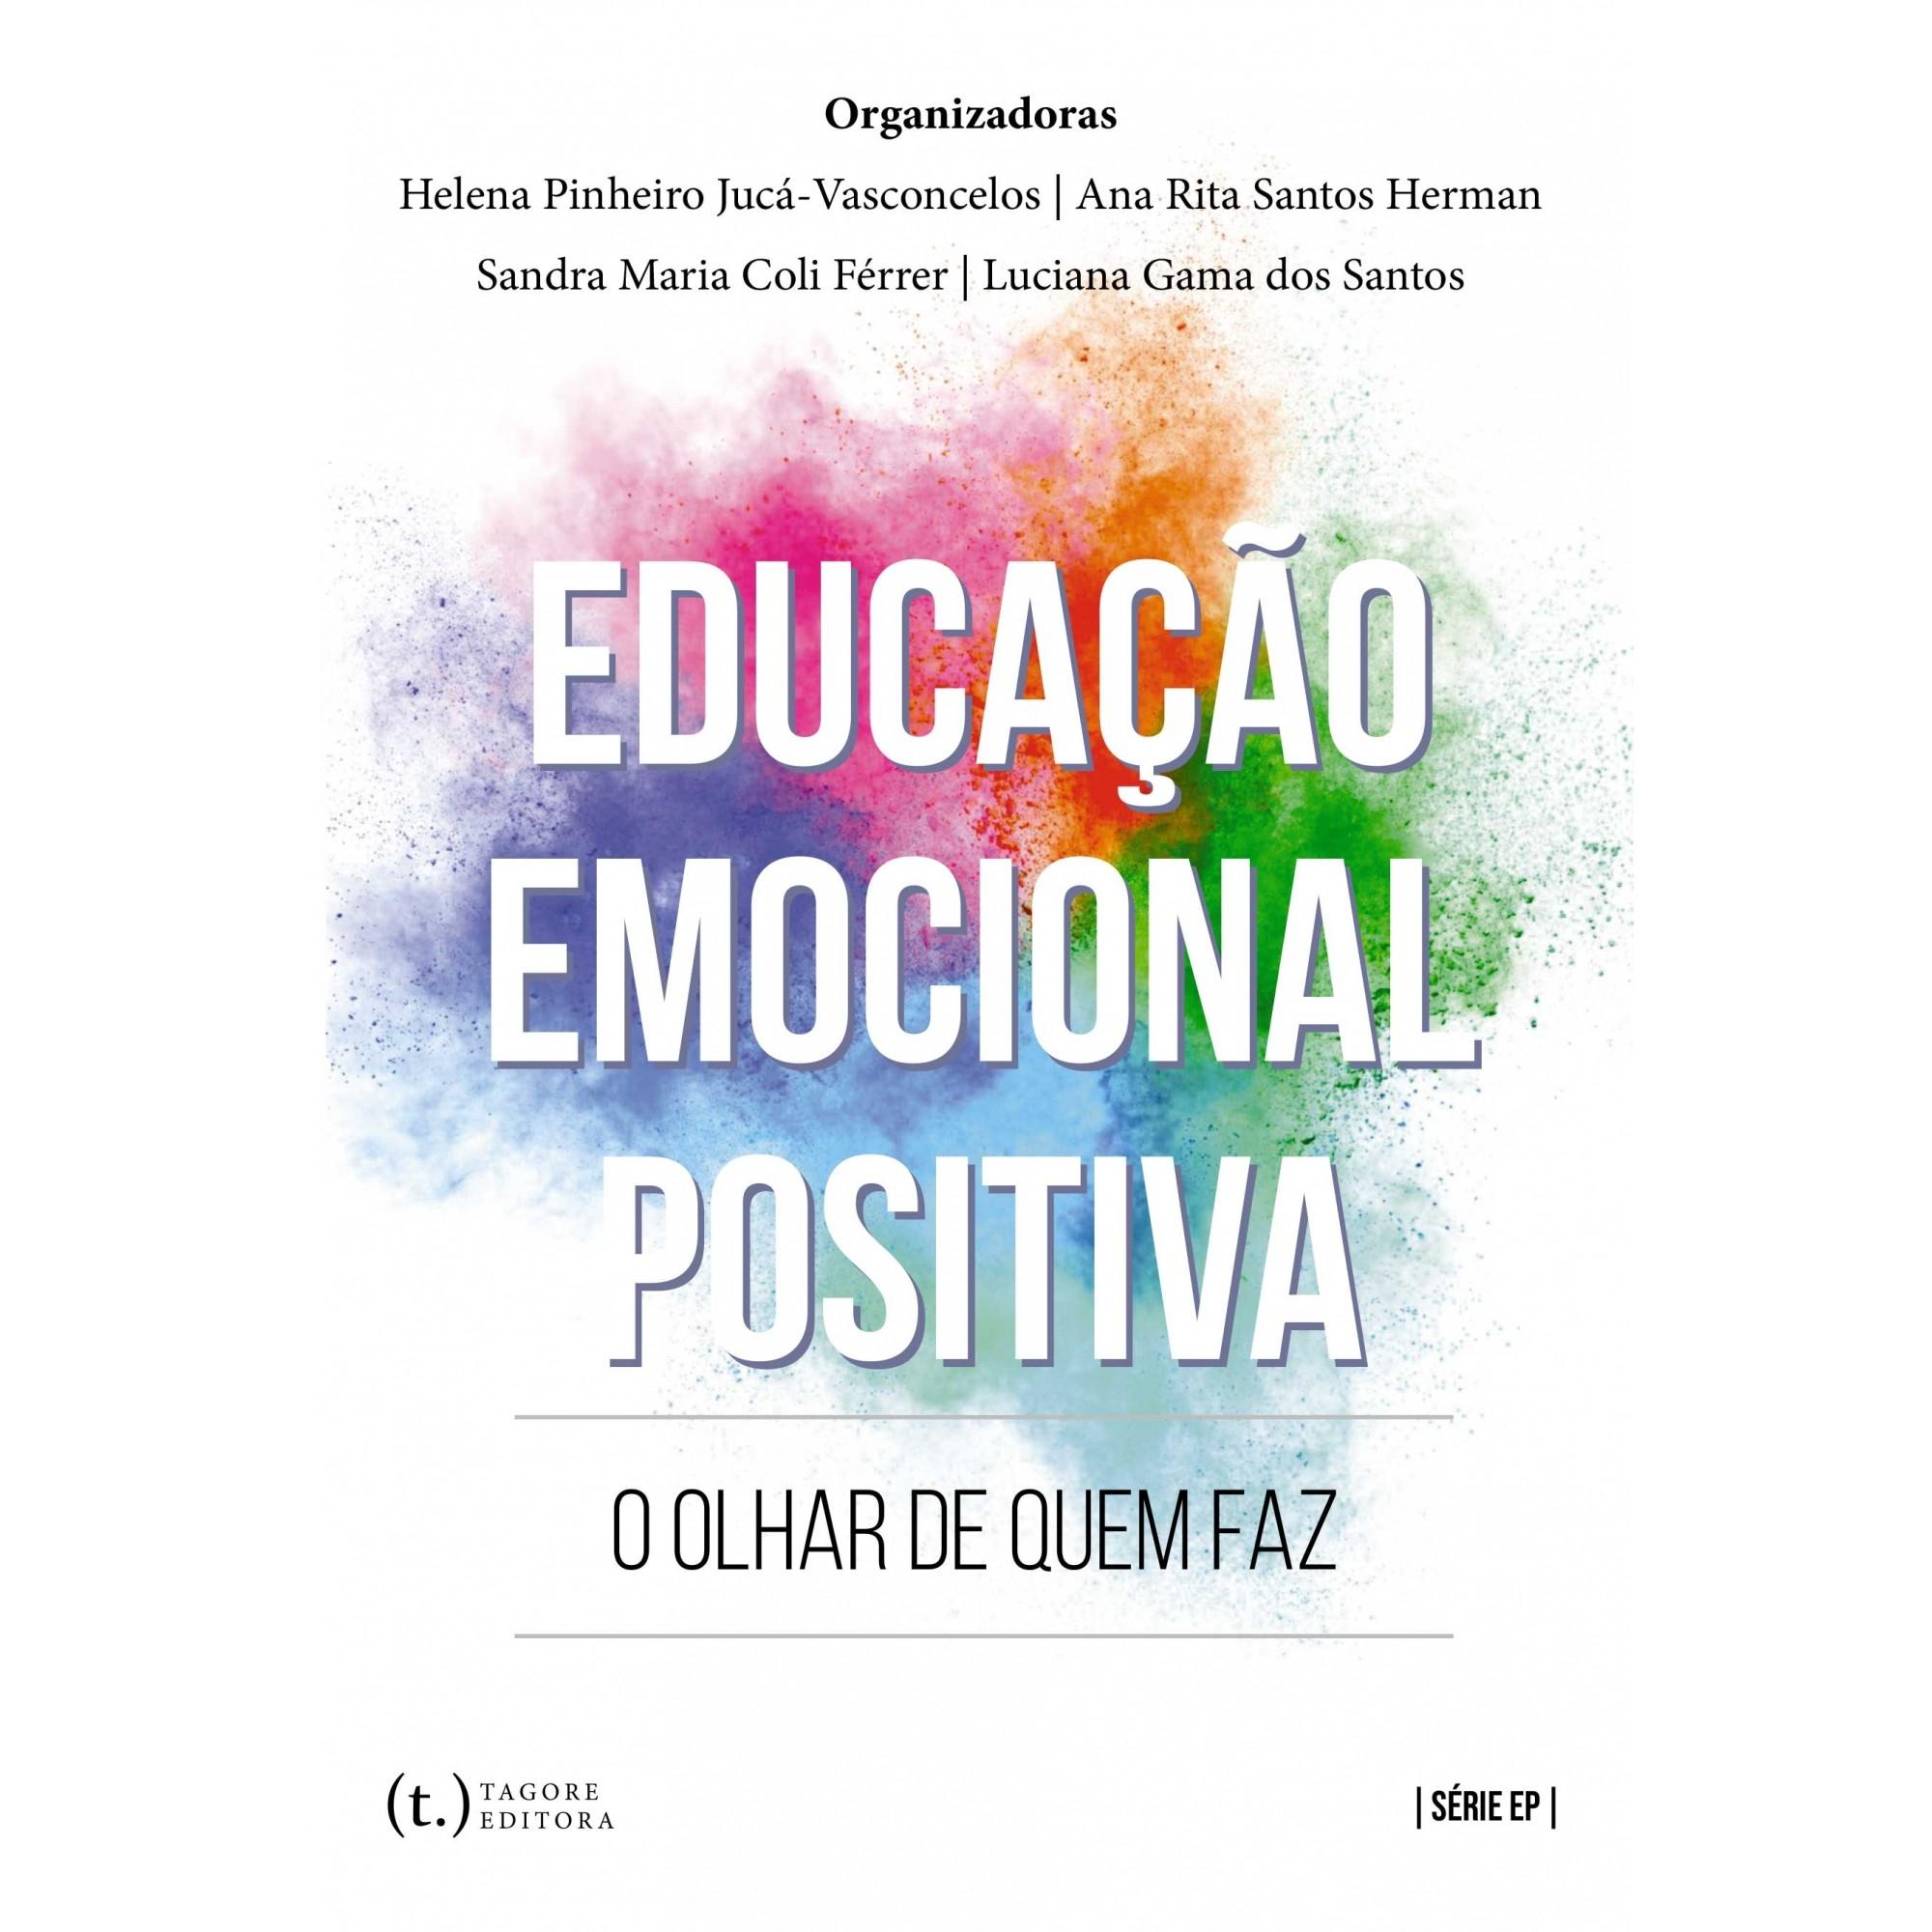 Educação emocional positiva - o olhar de quem faz